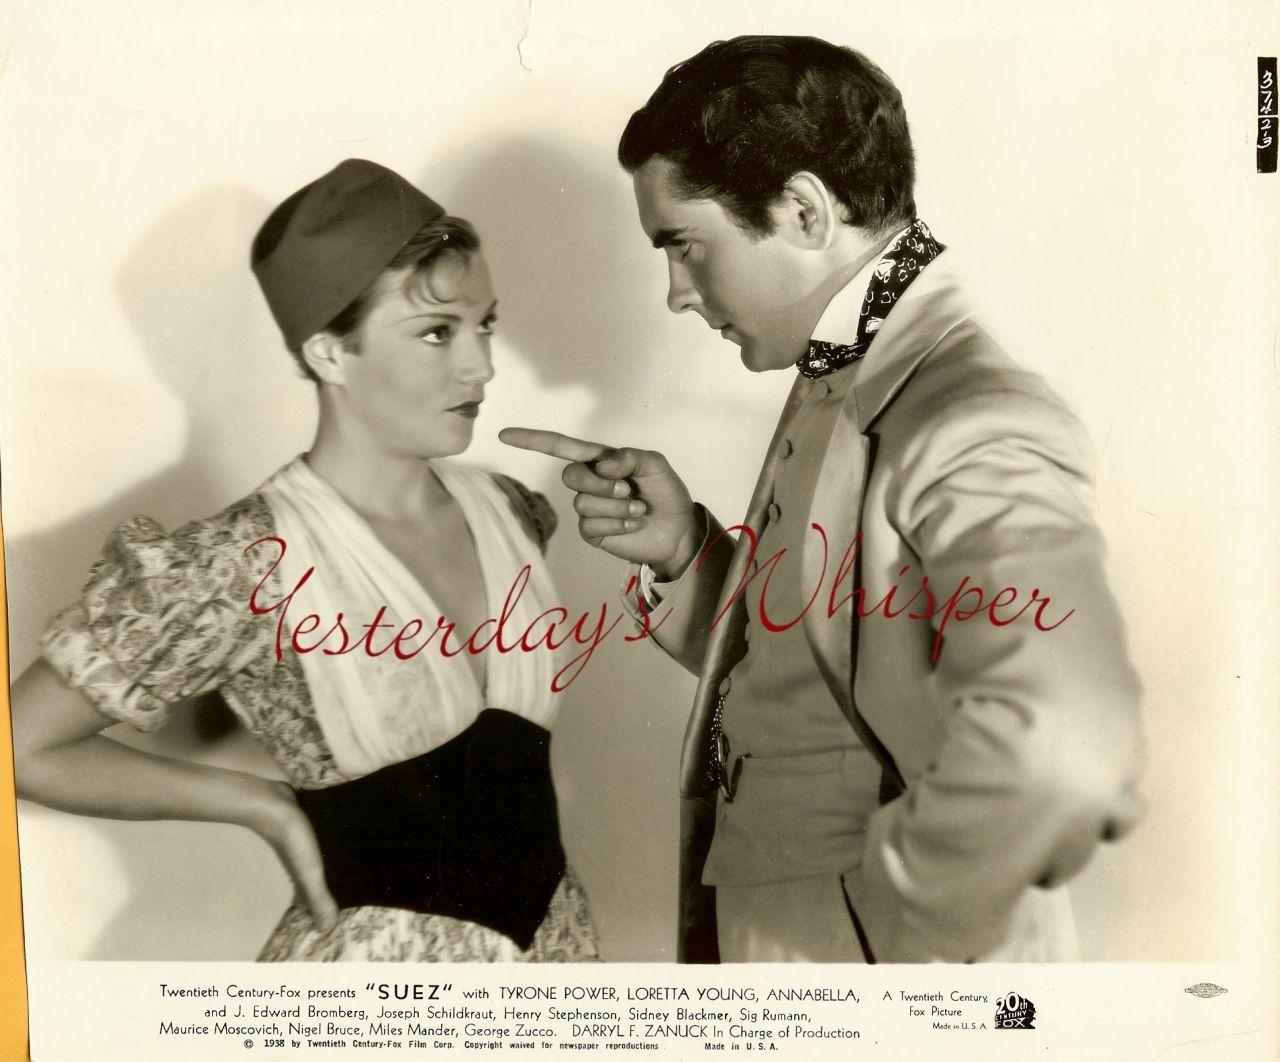 1938 Vintage Movie Photo Tyrone Power Annabella Suez K477